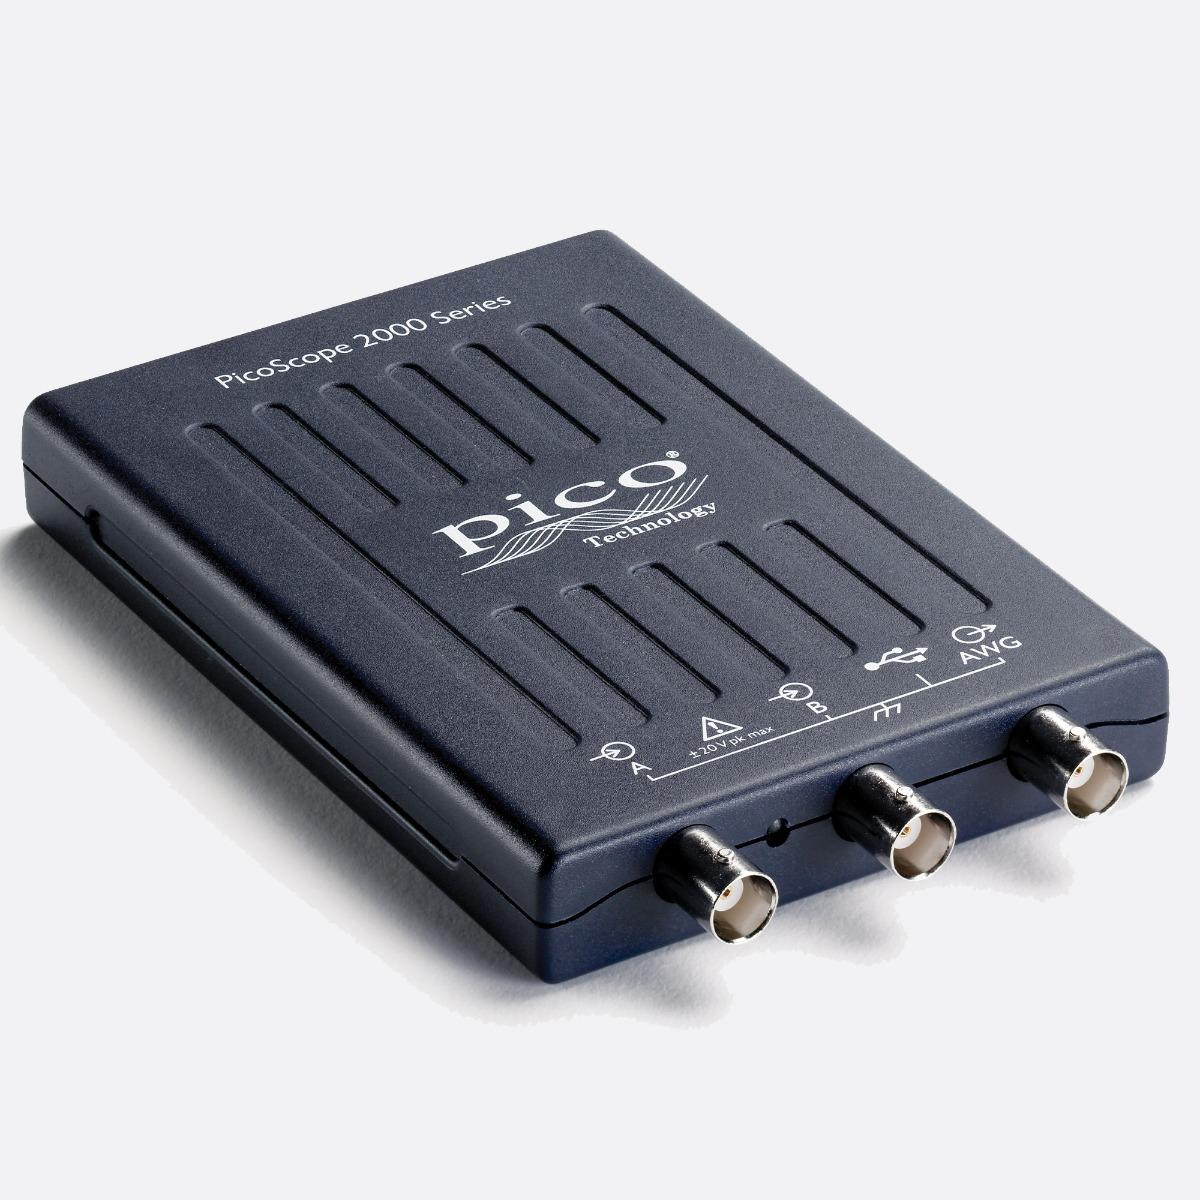 Pico_220xA_left-top-front_Ccontrols